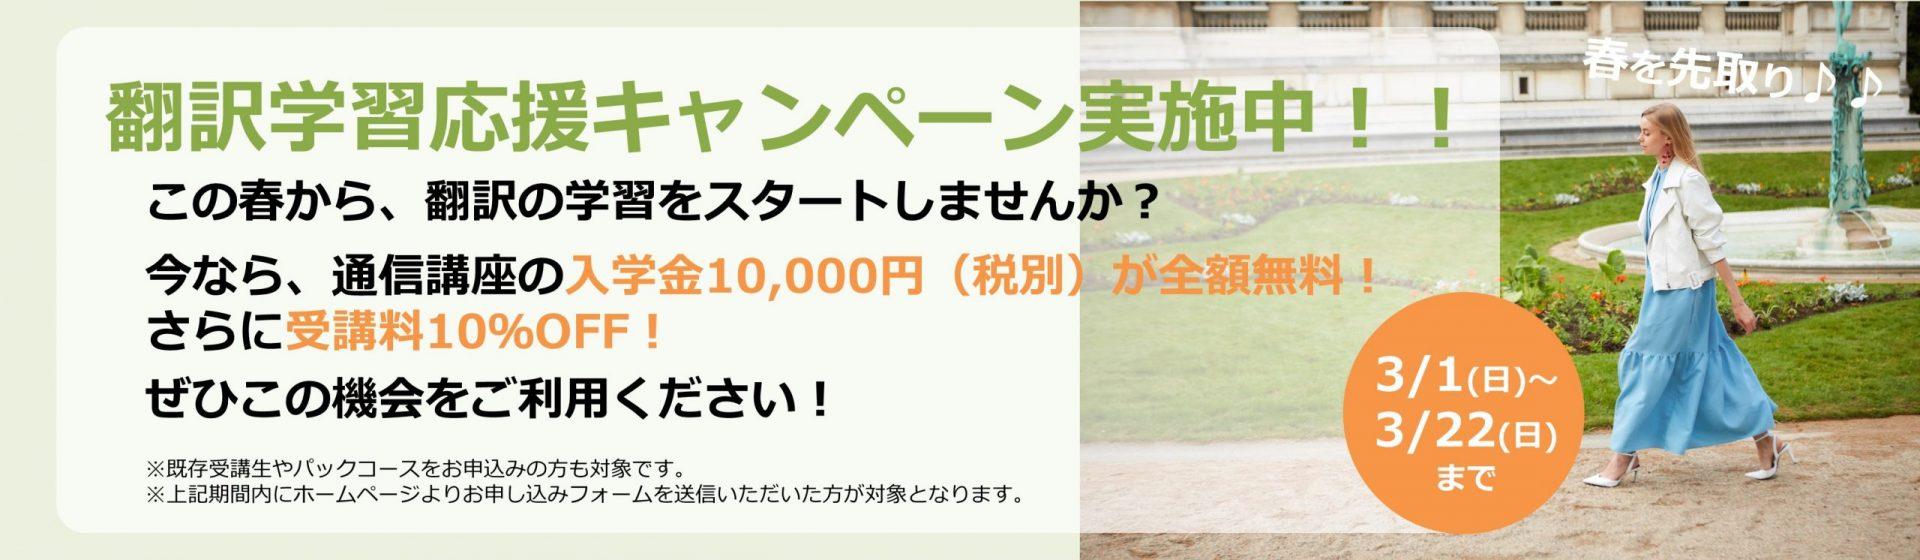 実務翻訳をはじめよう!(終了しました)翻訳学習応援キャンペーン実施中!